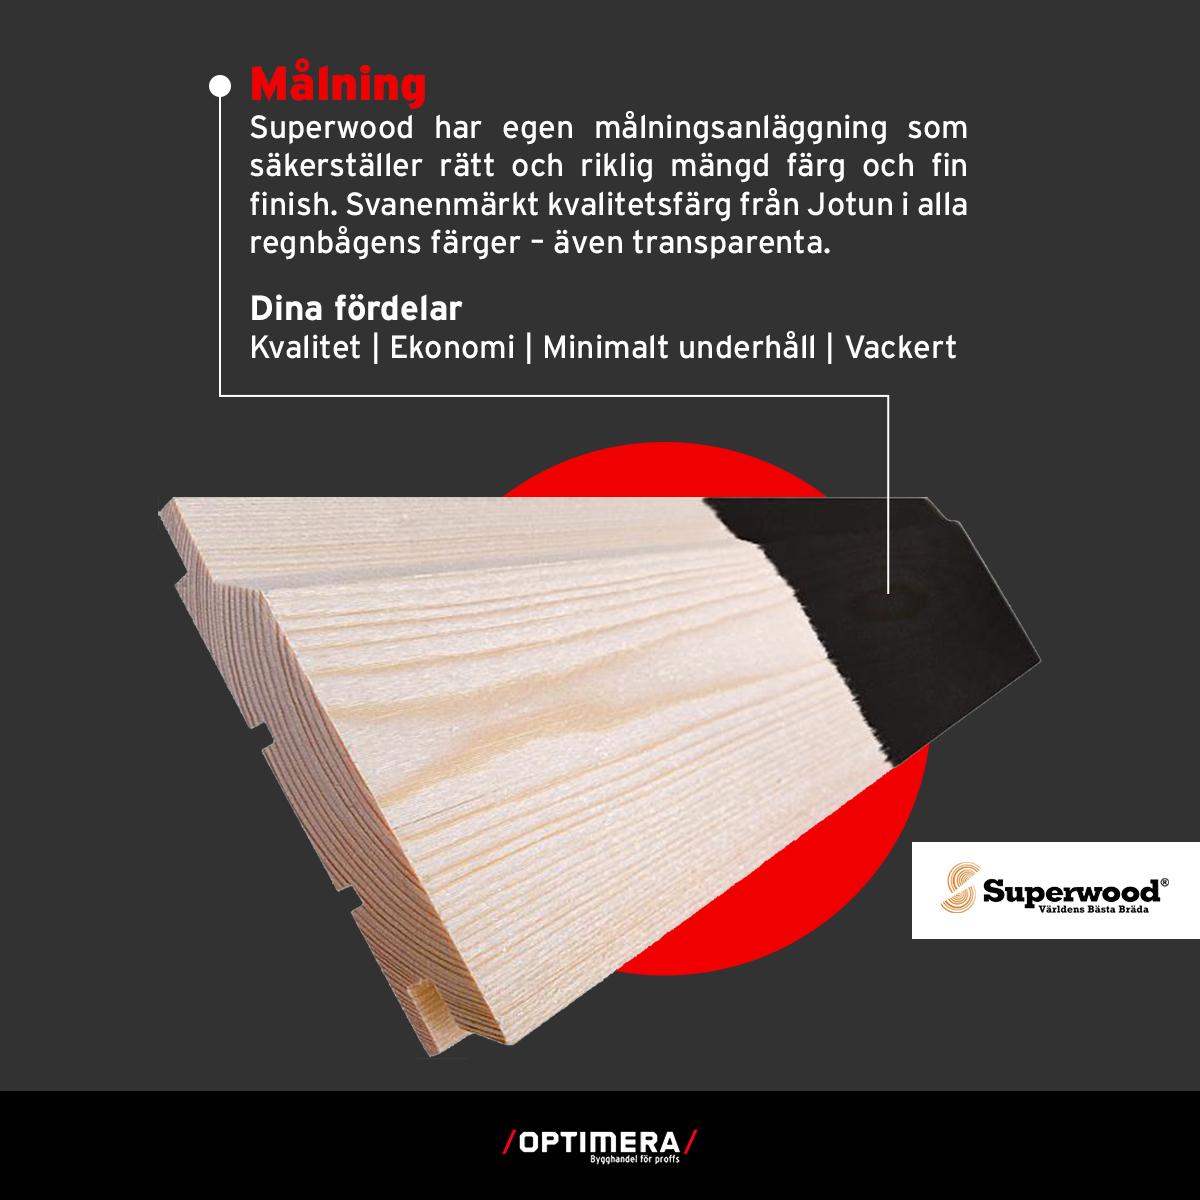 superwood - impregnering - säljs på optimera